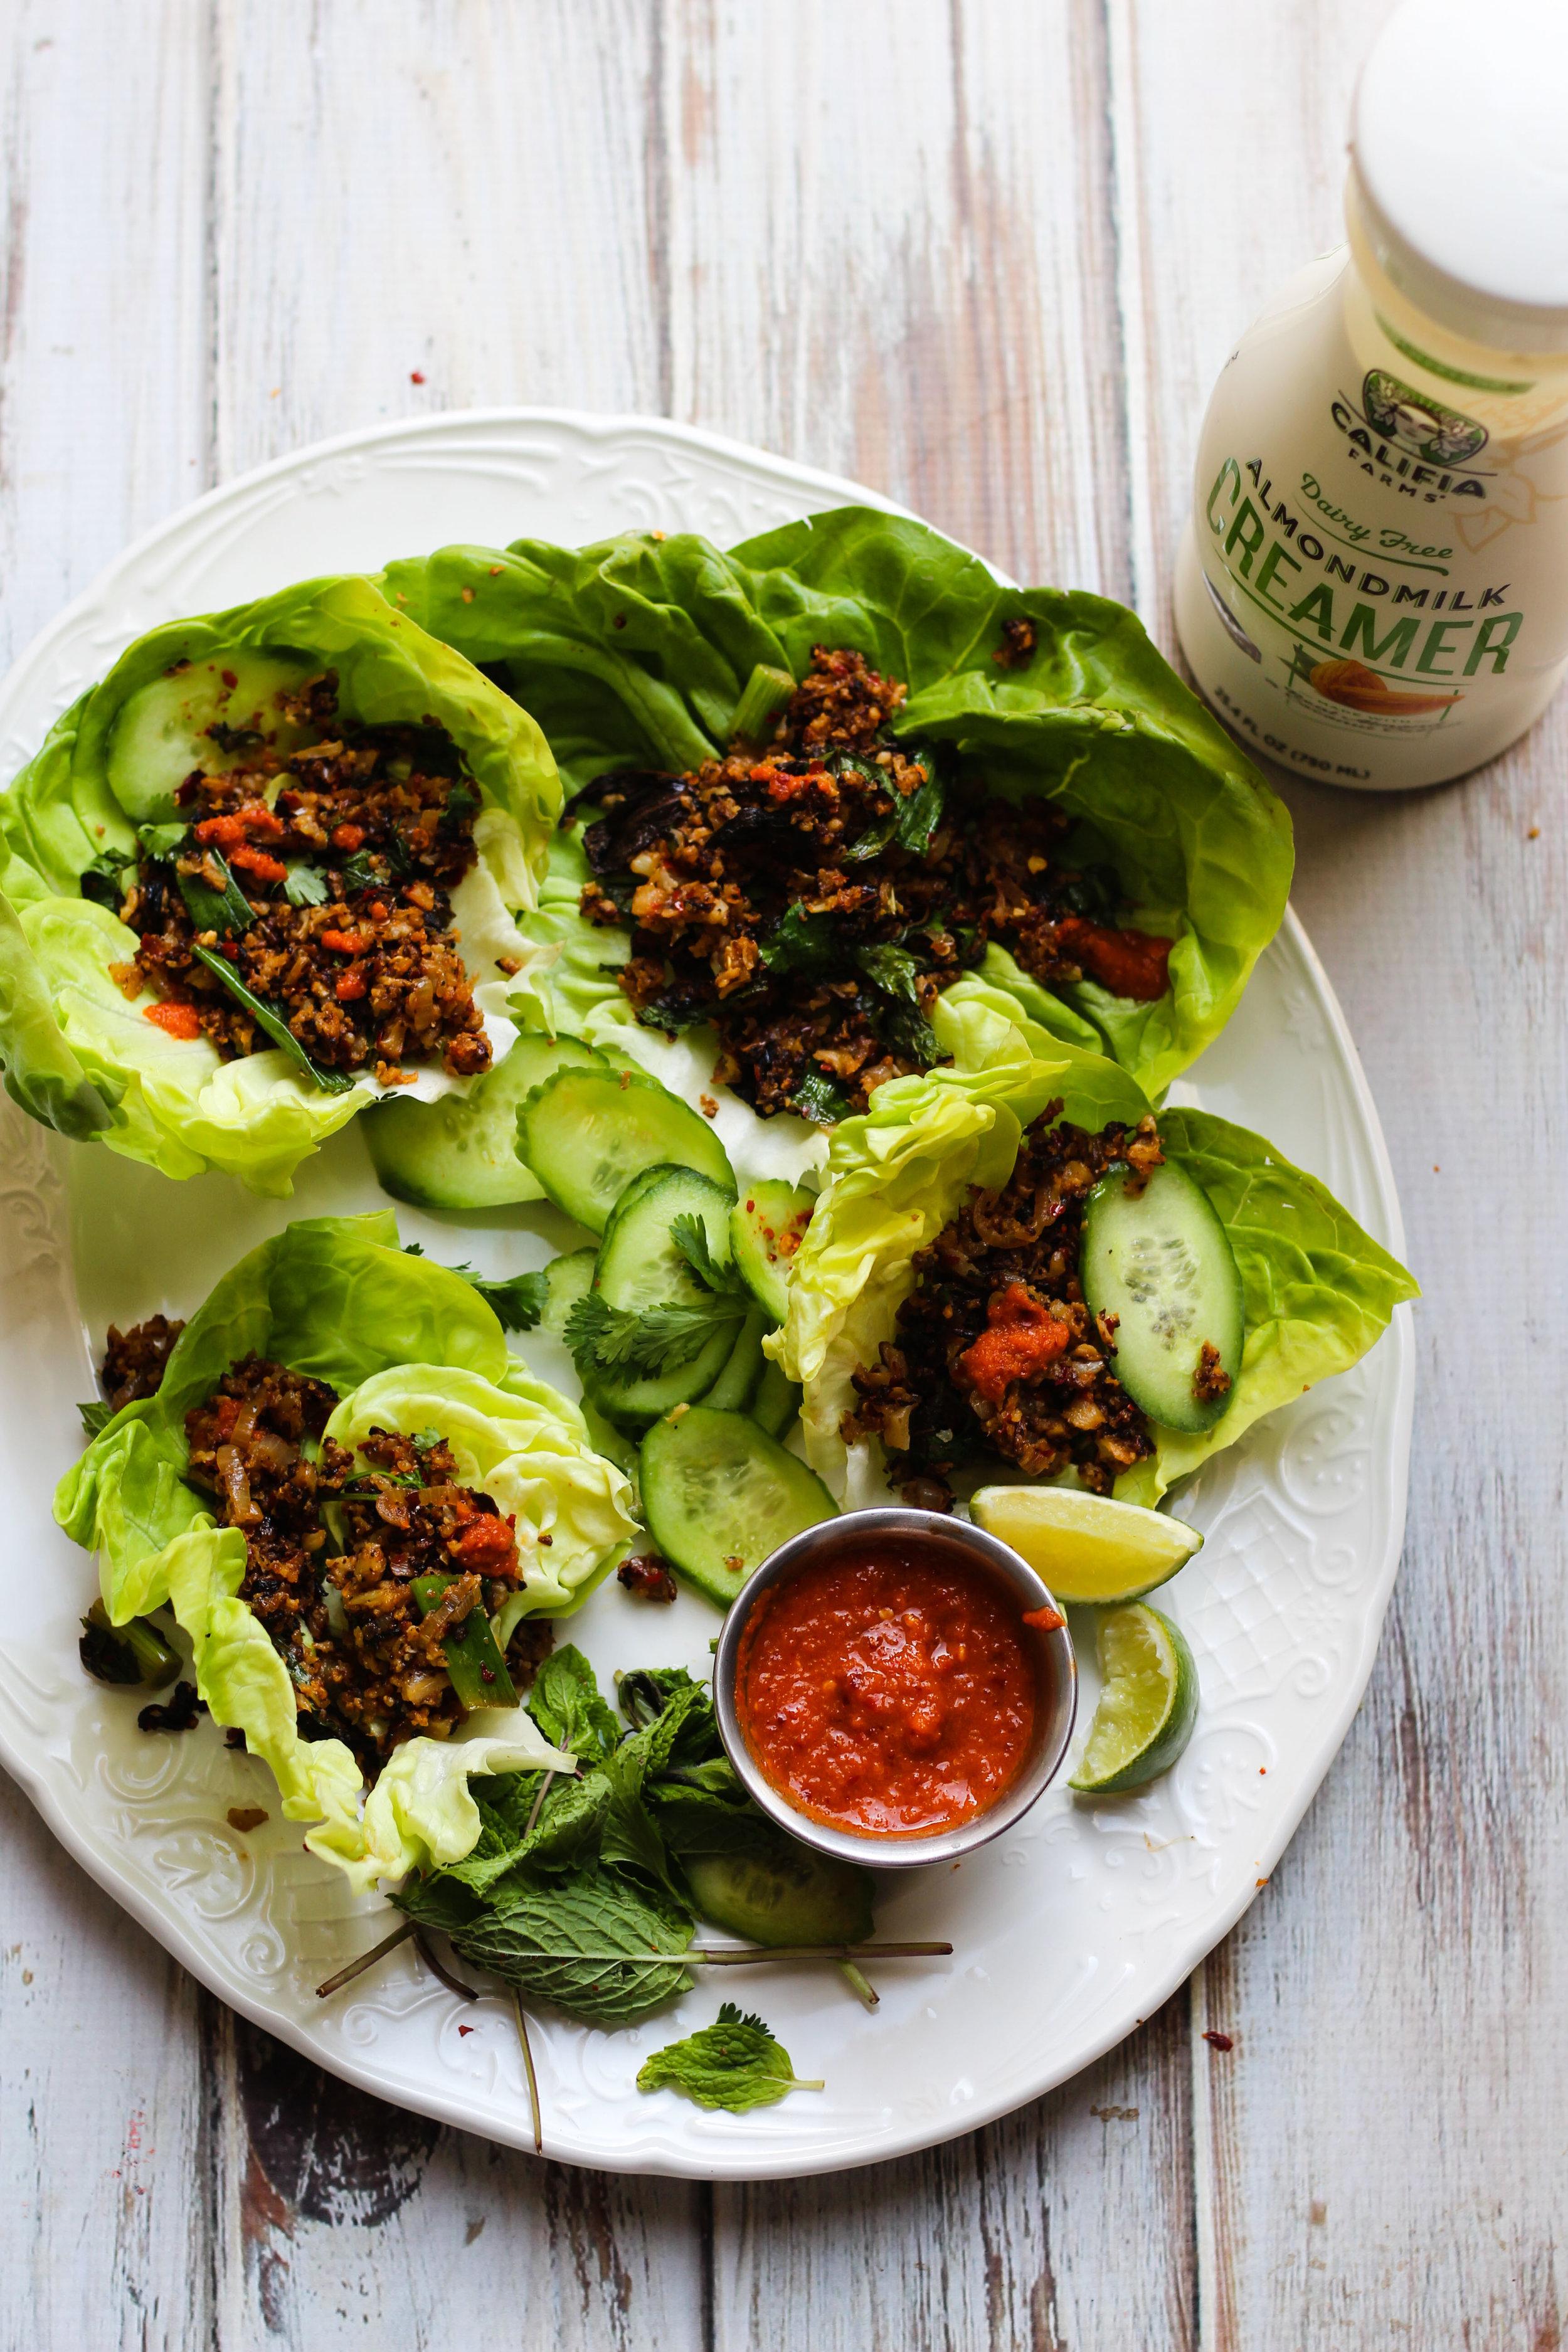 Vegan Cauliflower Larb with Homemade Hot Sauce